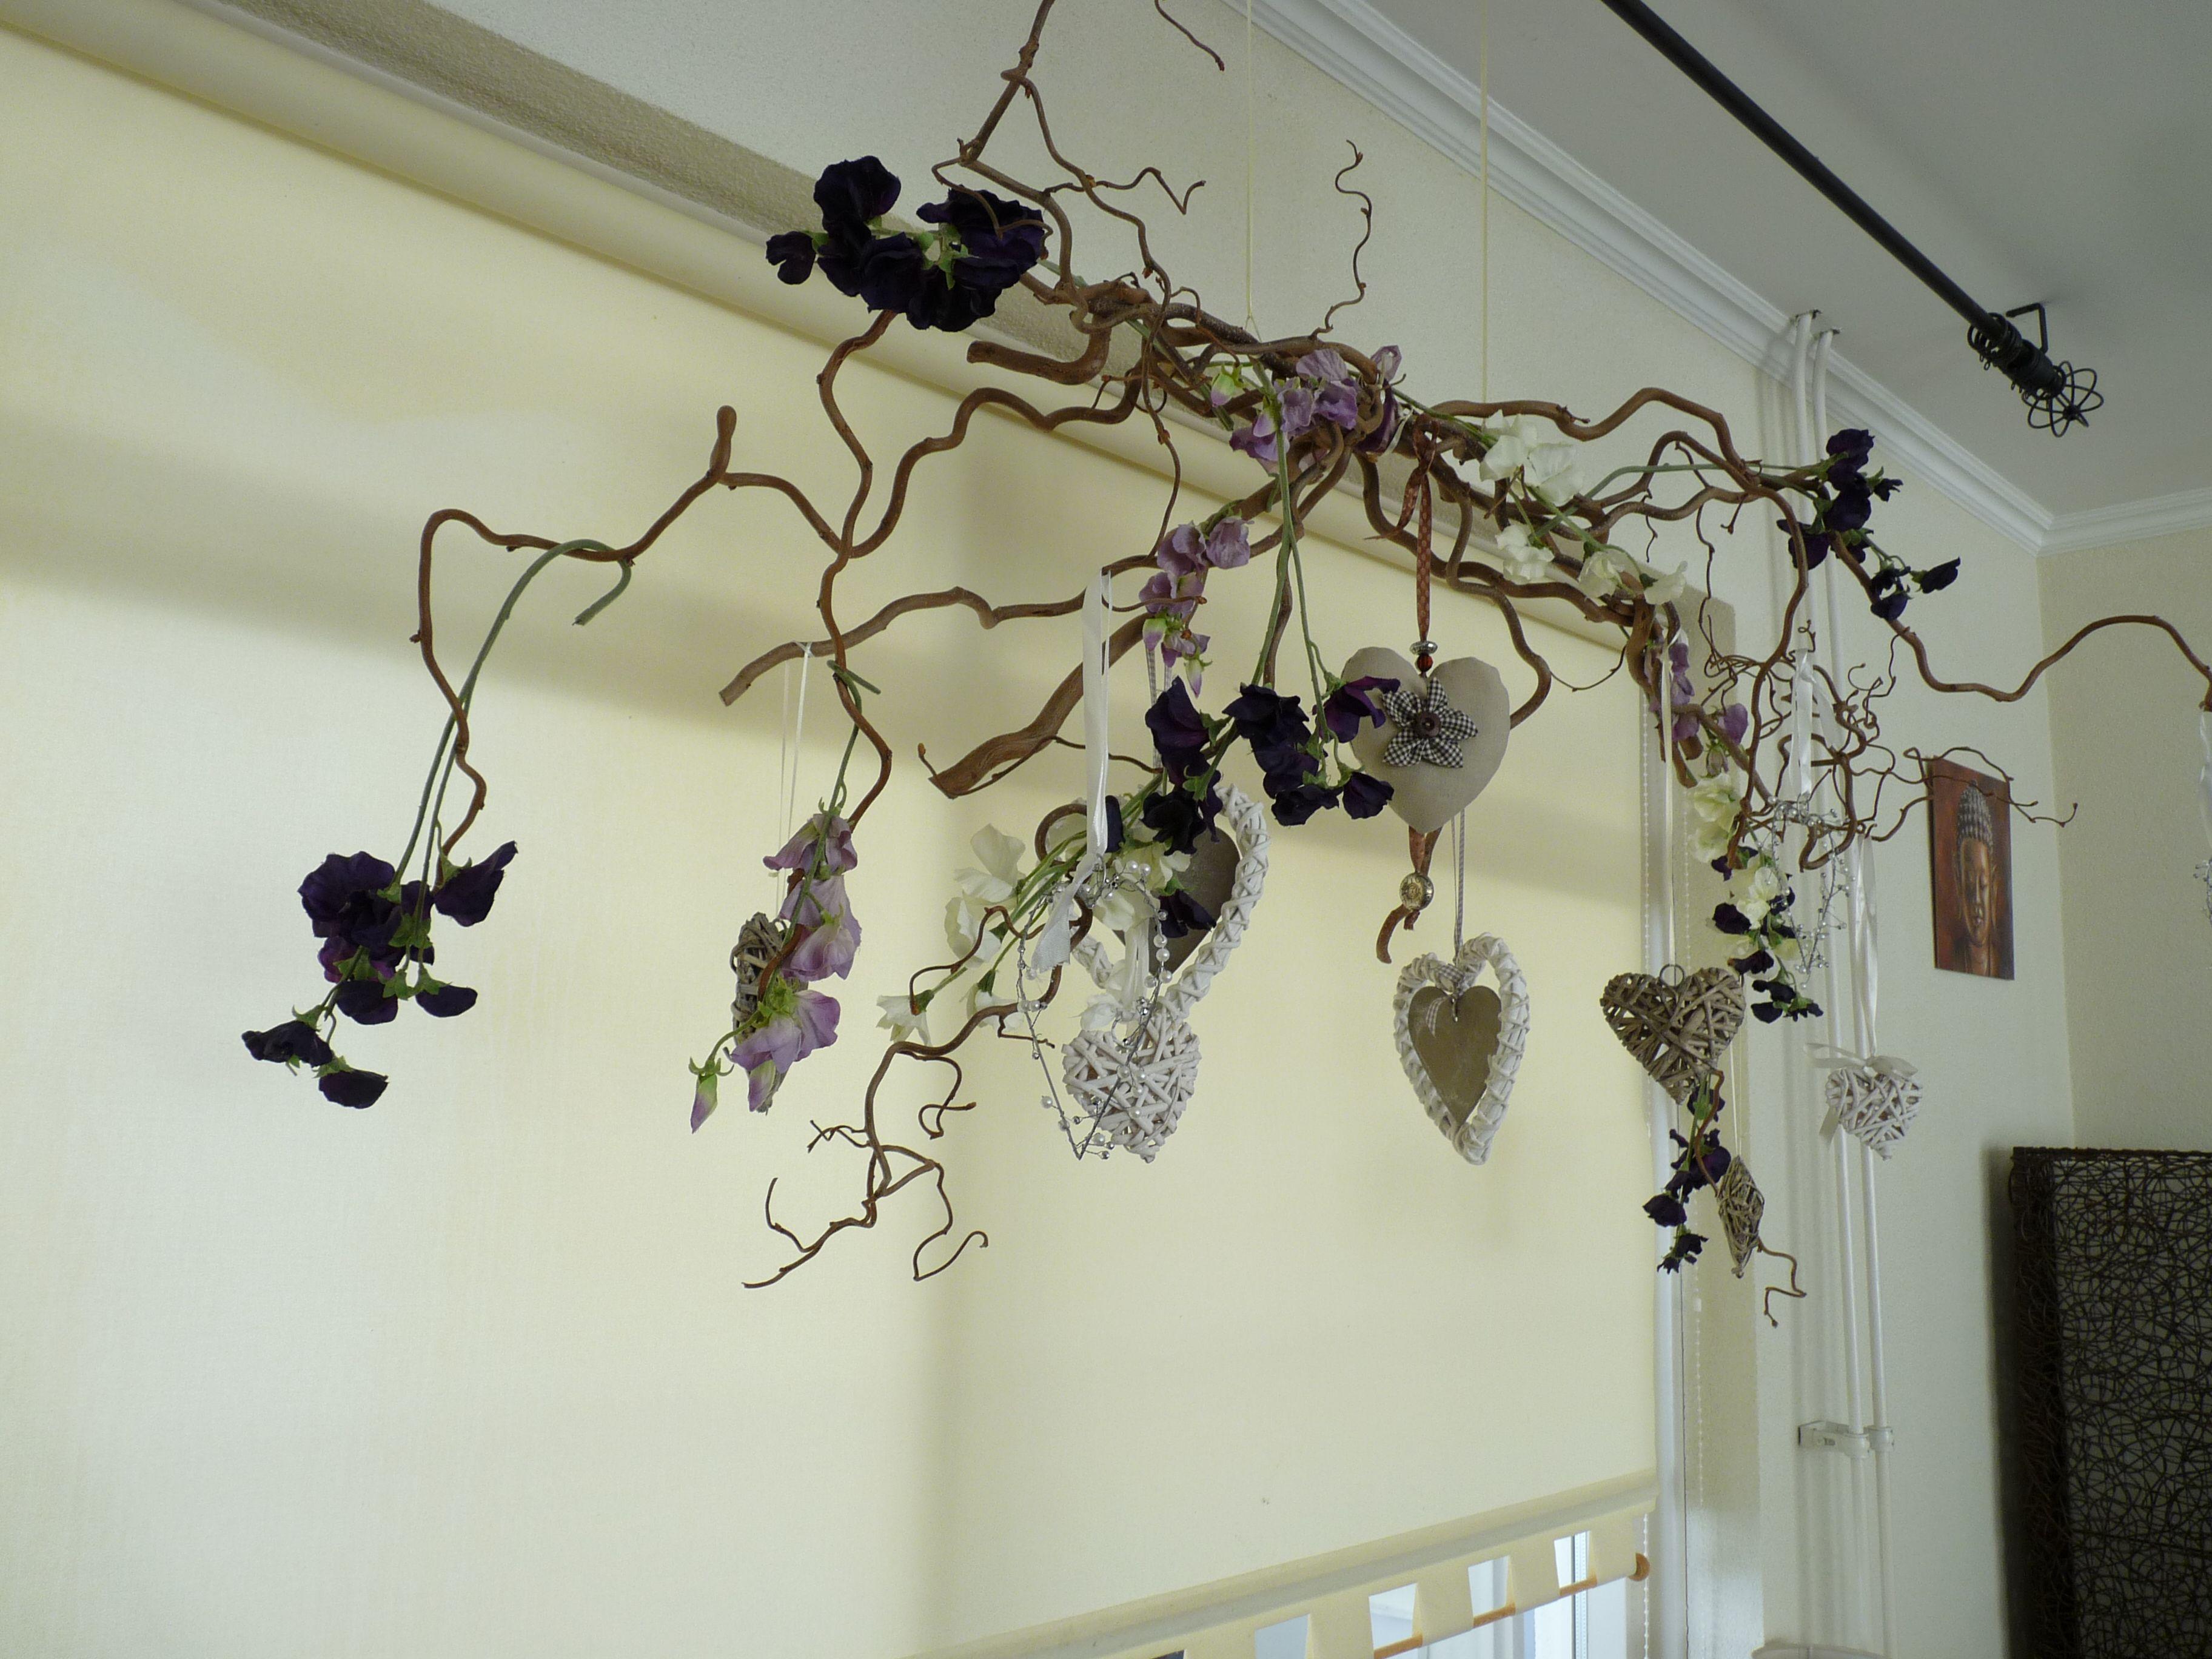 Van krulhazelaar takken een hangende decoratie gemaakt met zijdebloemen lathyrus en allerlei - Versieren van een muur in ...